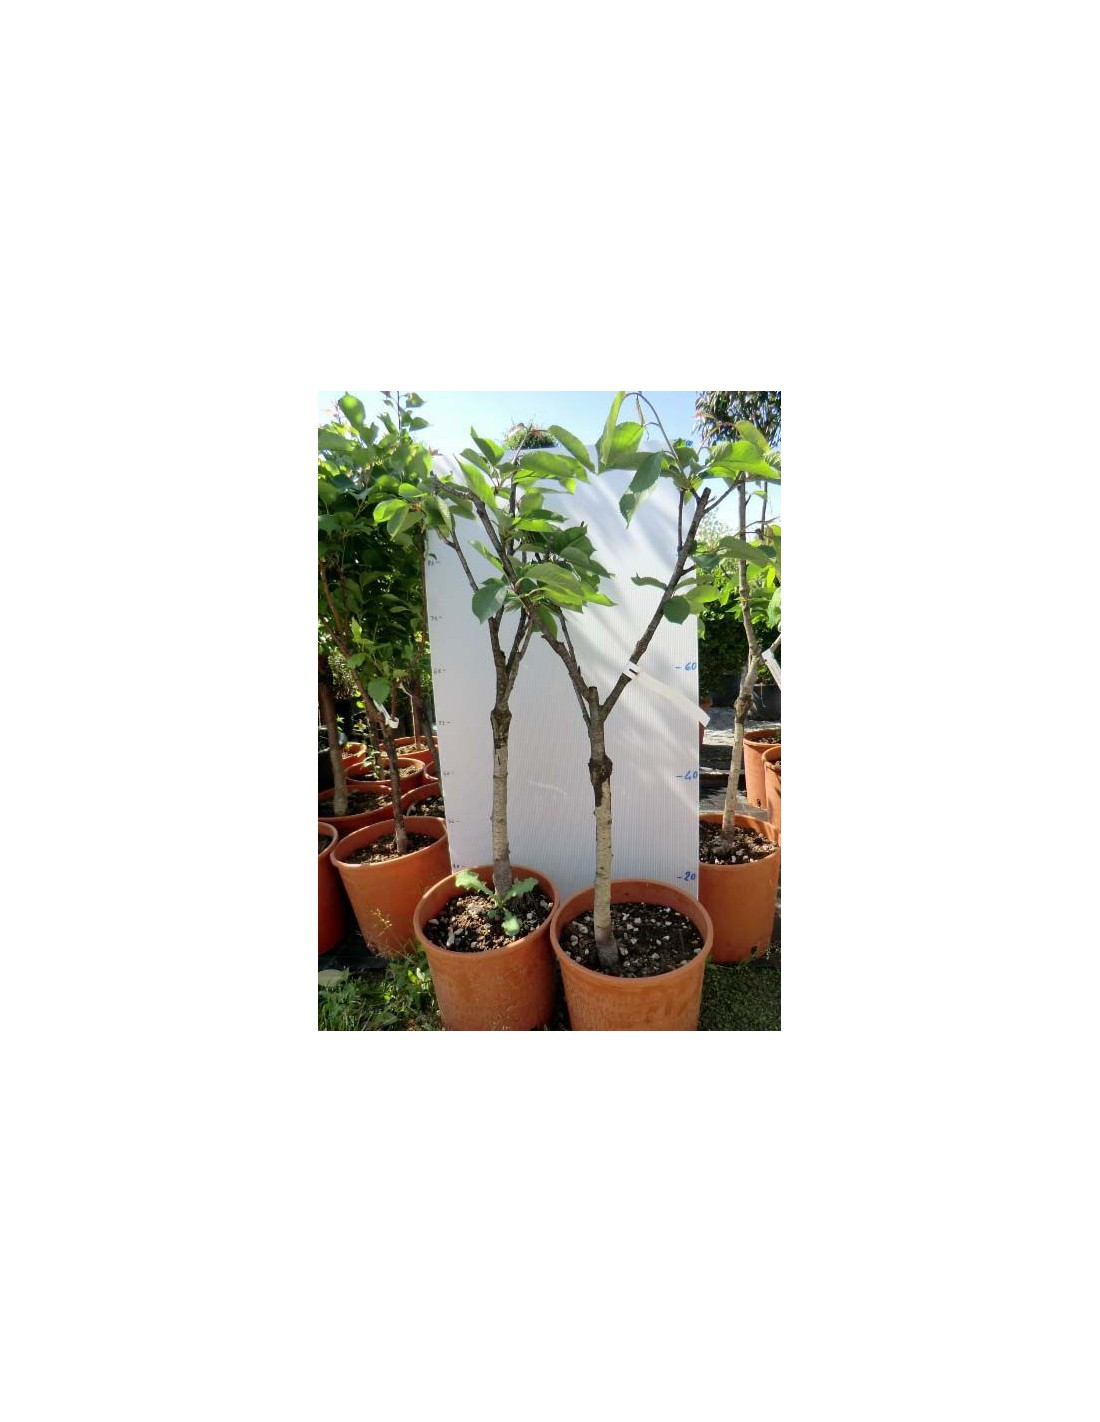 Offerta 3 piante da frutto nane for Piante da frutta nane prezzi